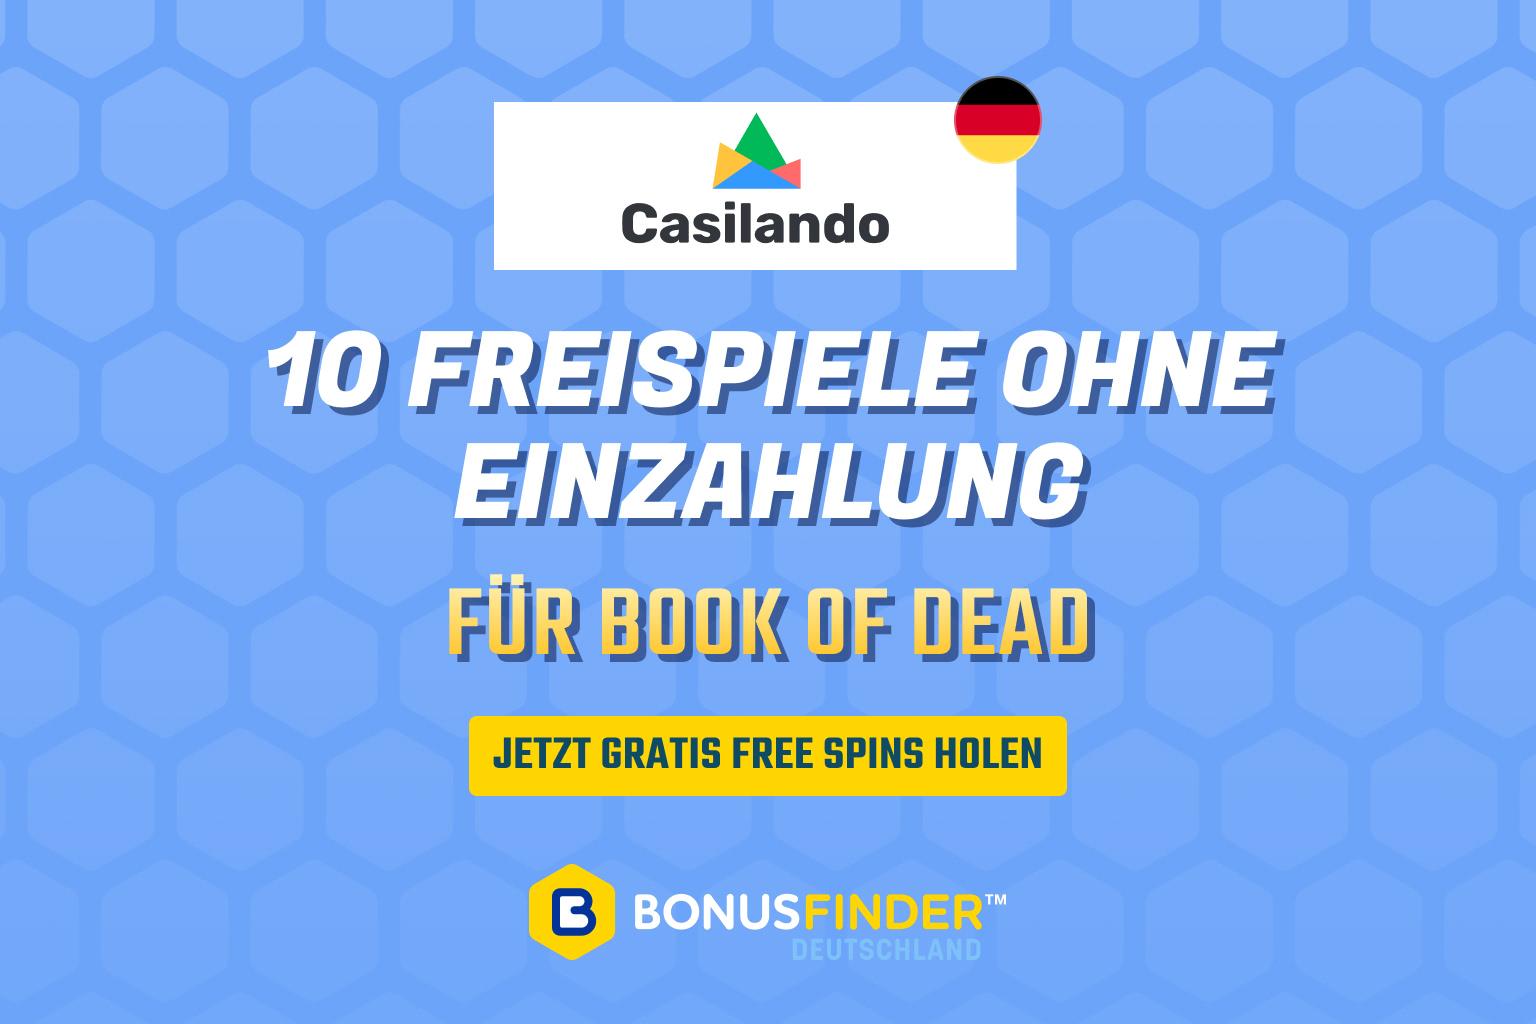 casilando book of dead freispiele